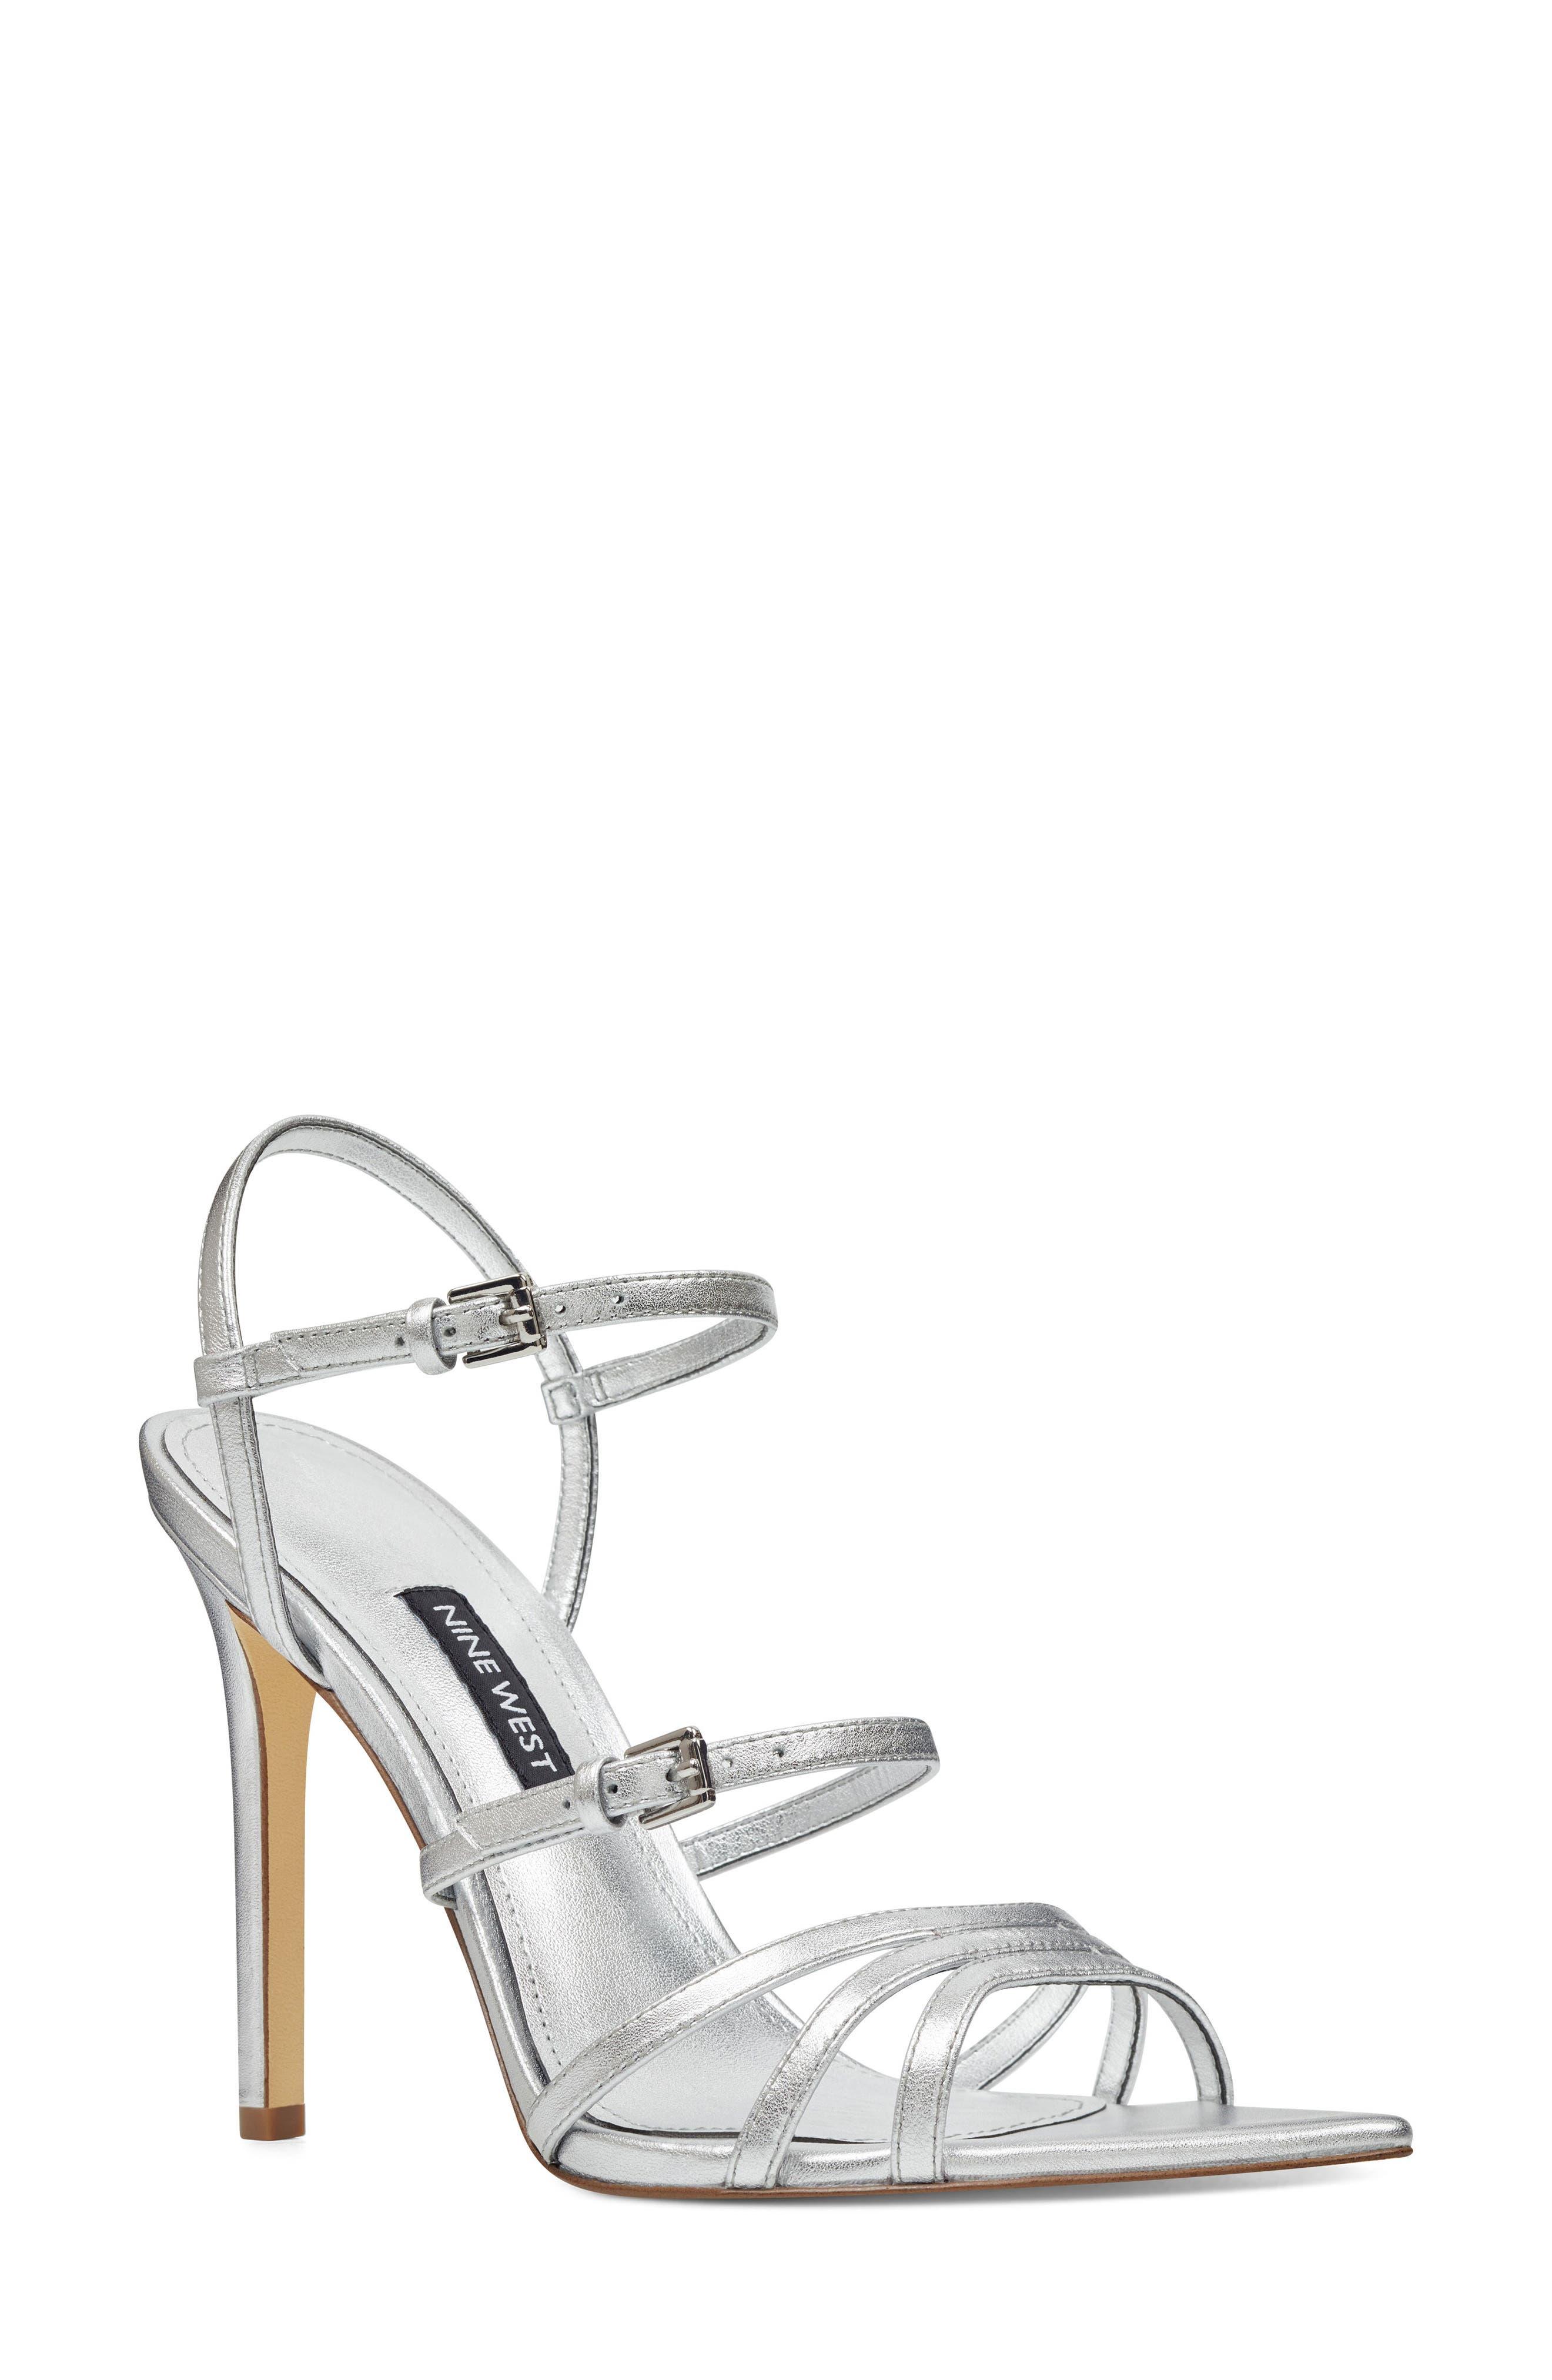 165cda836c76 Metallic Nine West Shoes